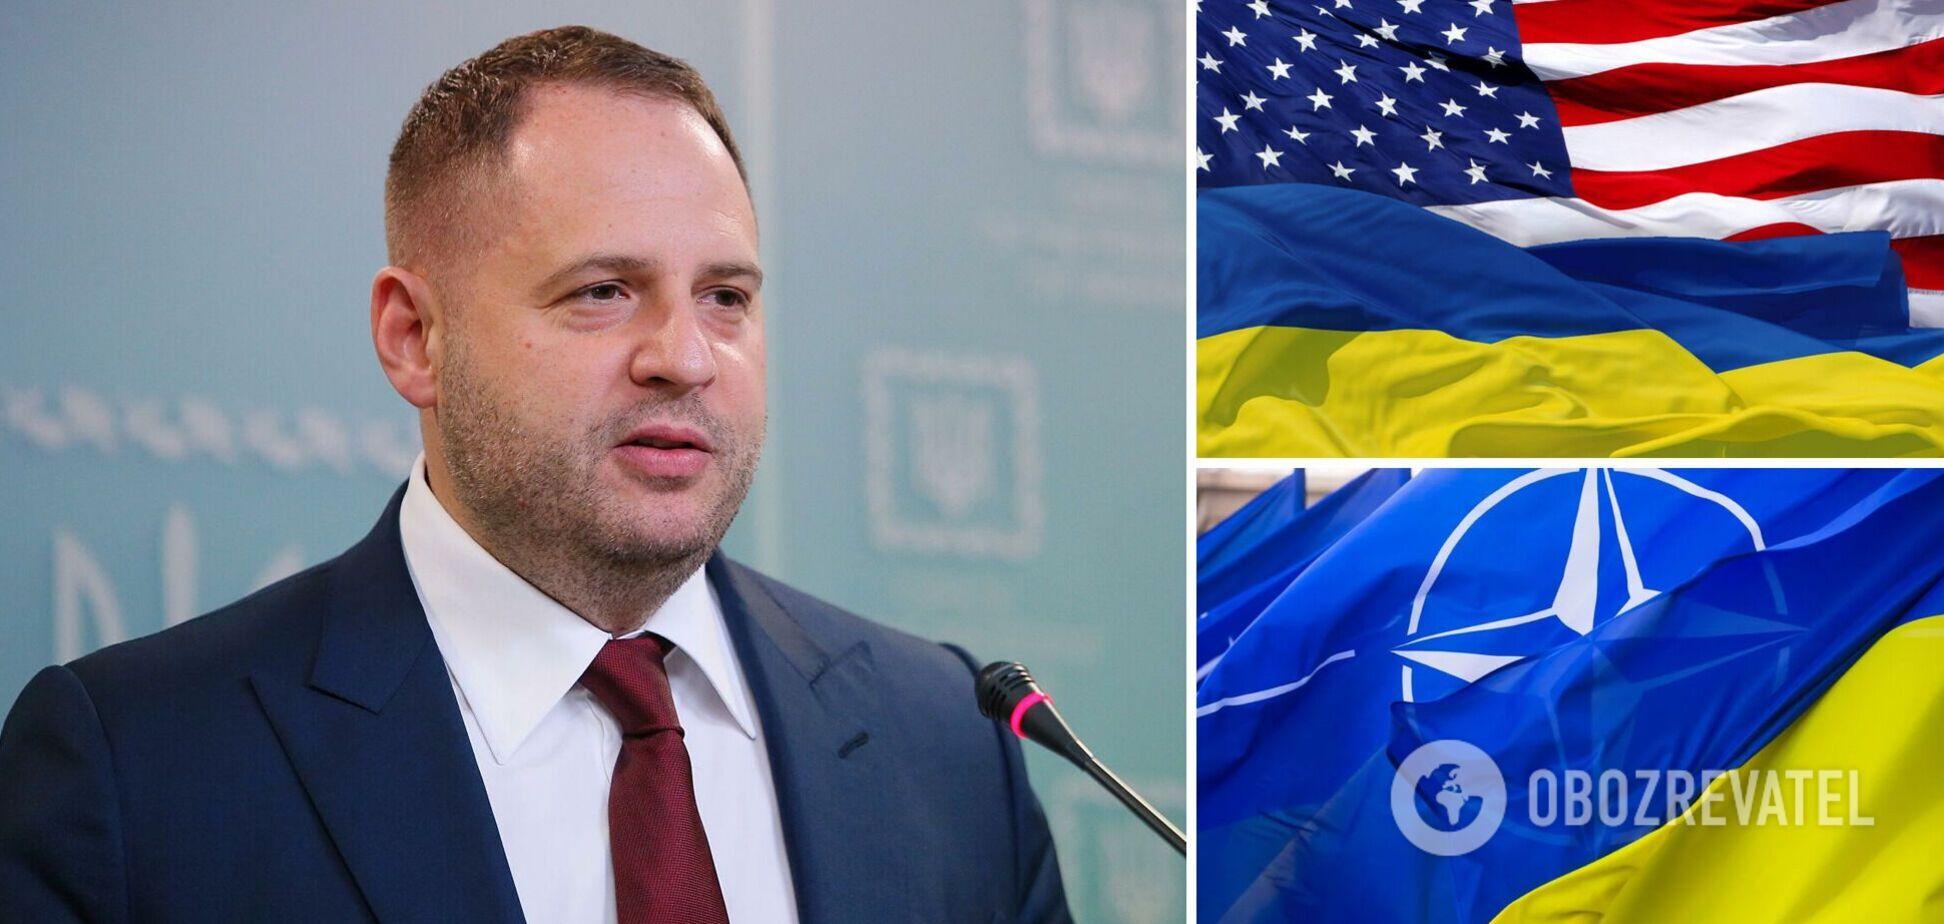 Єрмак: Україна – форпост демократії, ми чекаємо конкретних і активних дій від НАТО